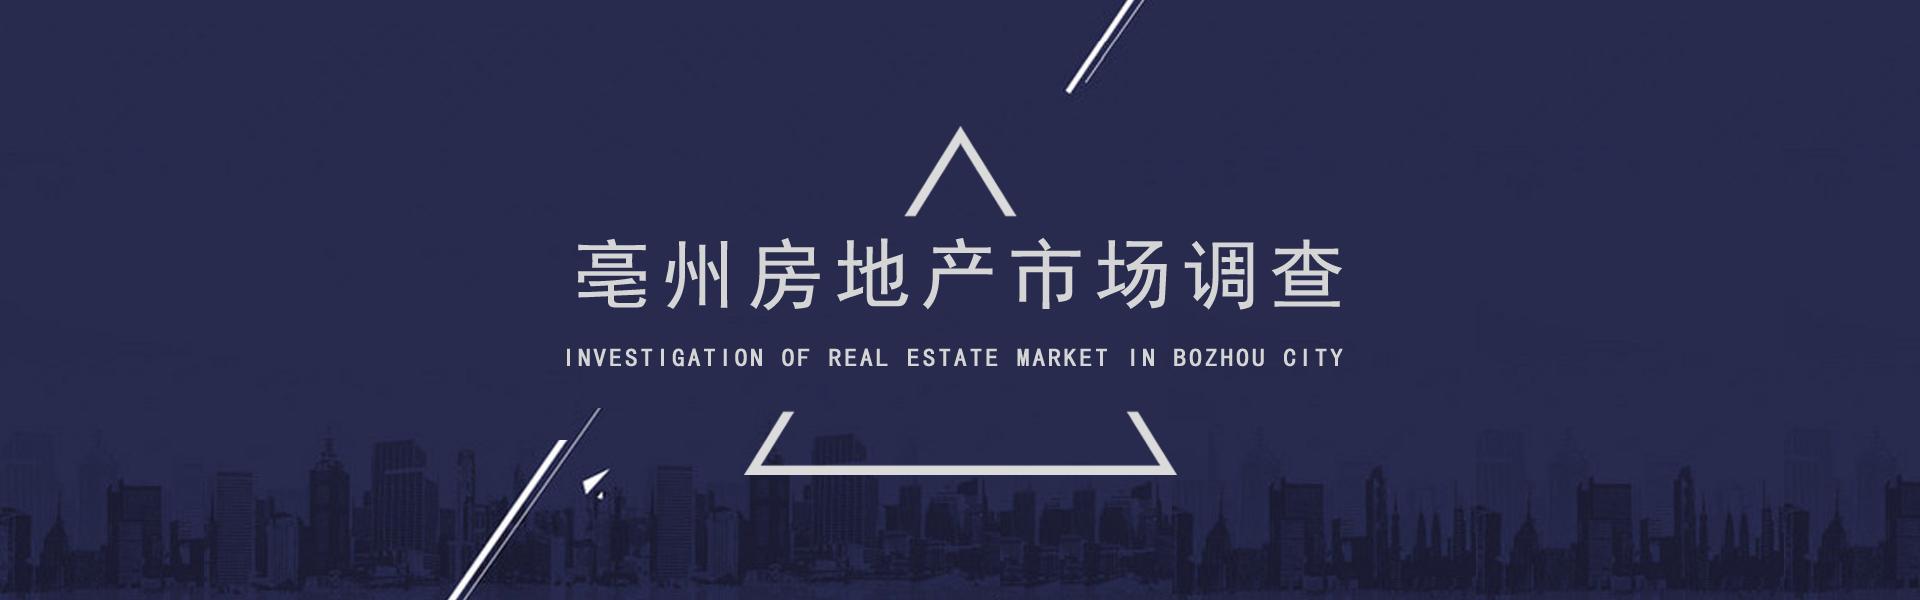 亳州房地产市场调查问卷